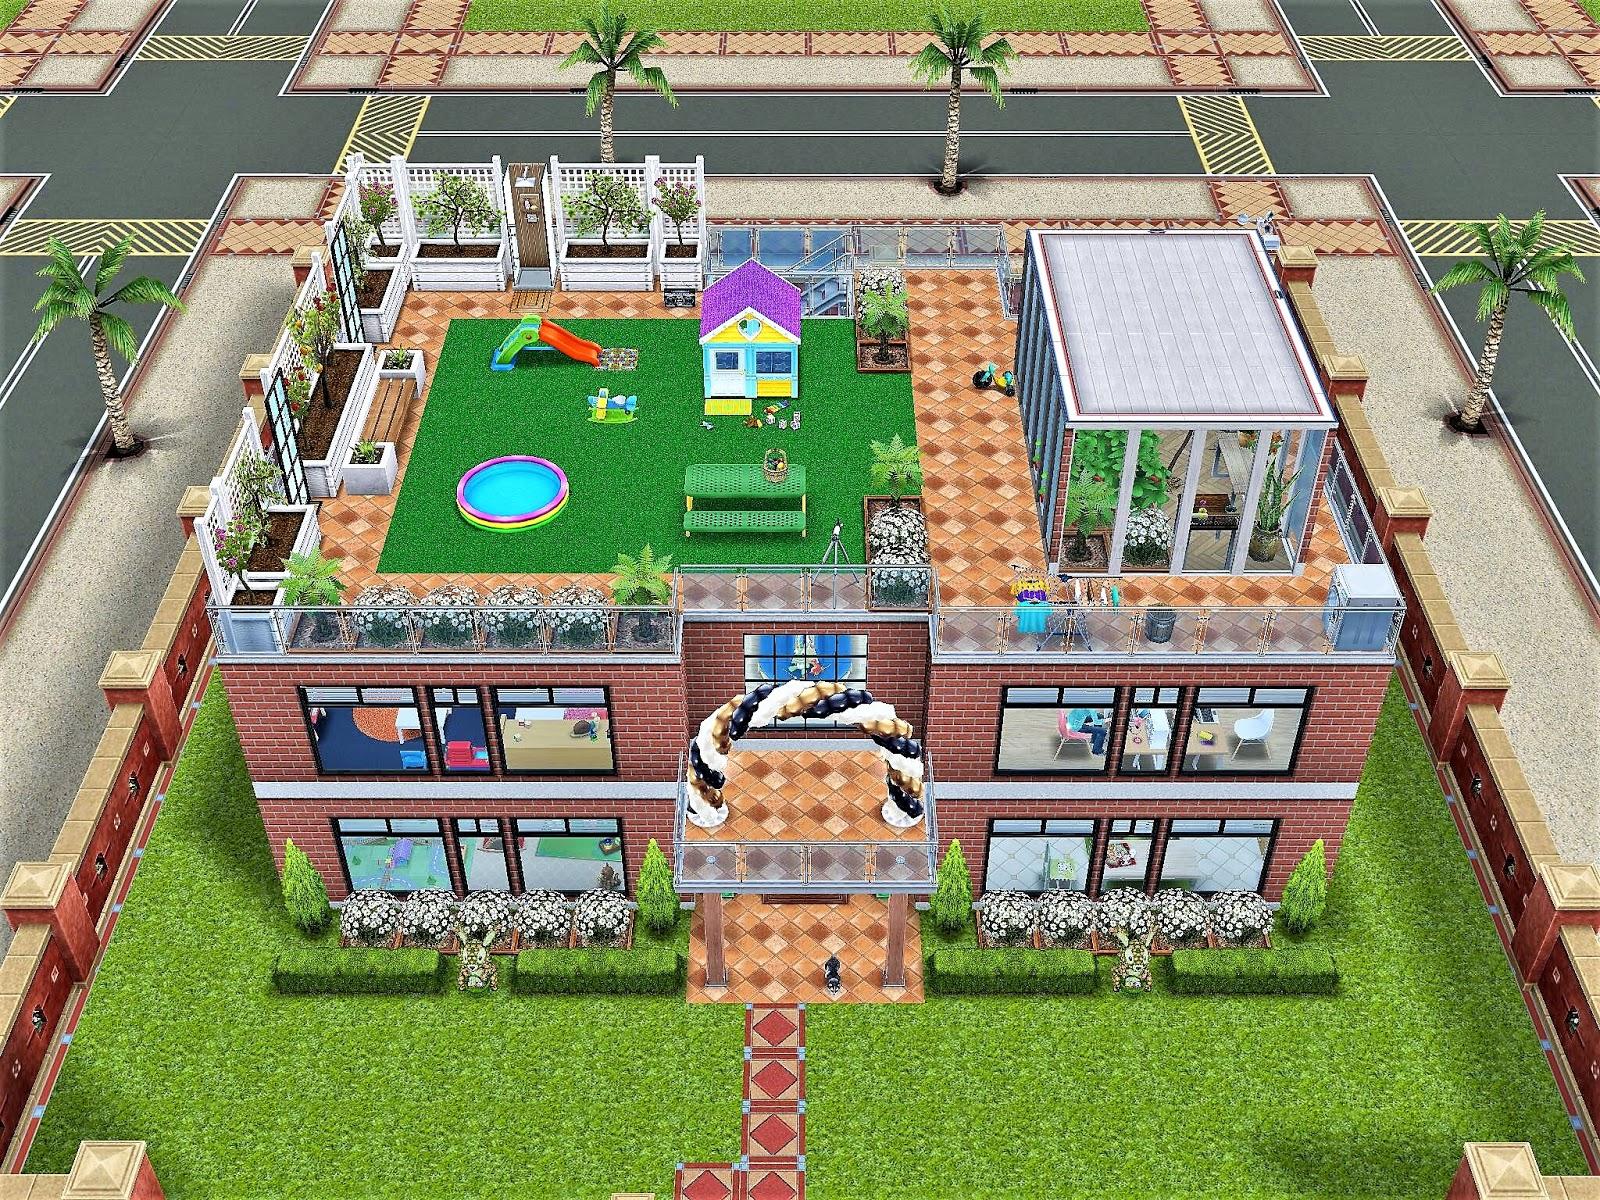 Čo príde po seriózne datovania v Sims Freeplay